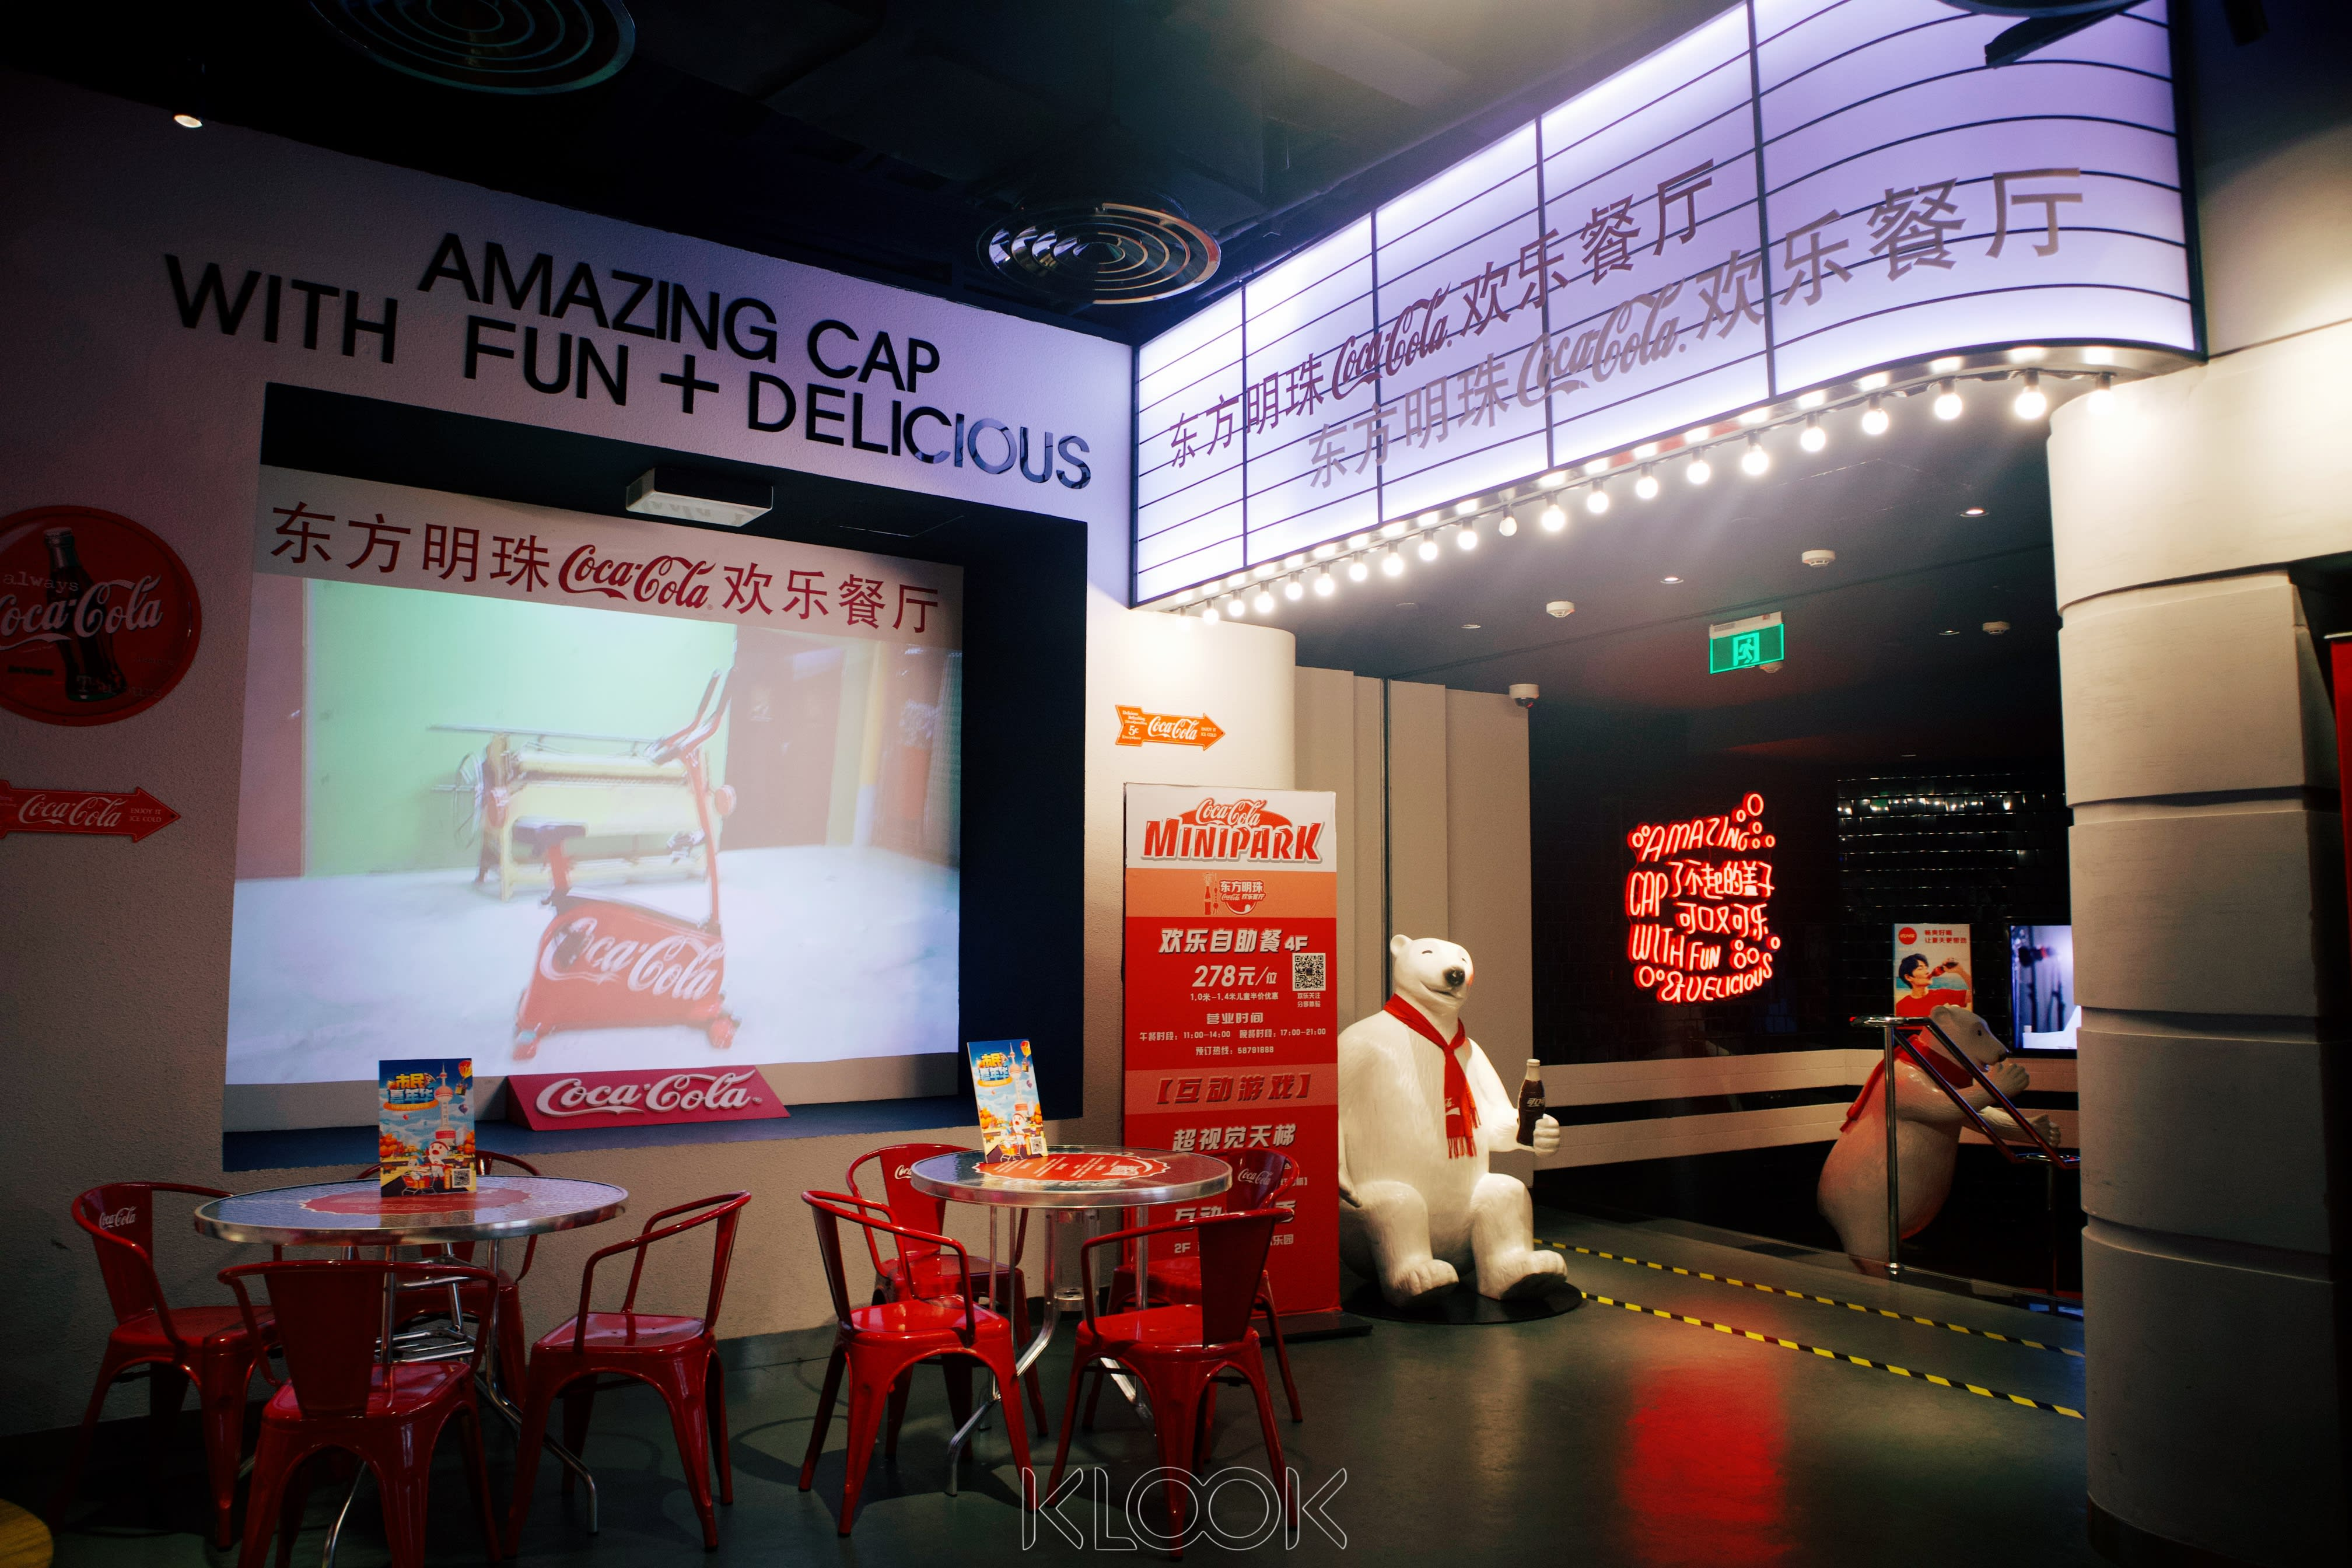 พิพิธภัณฑ์หมี coca cola เซี่ยงไฮ้